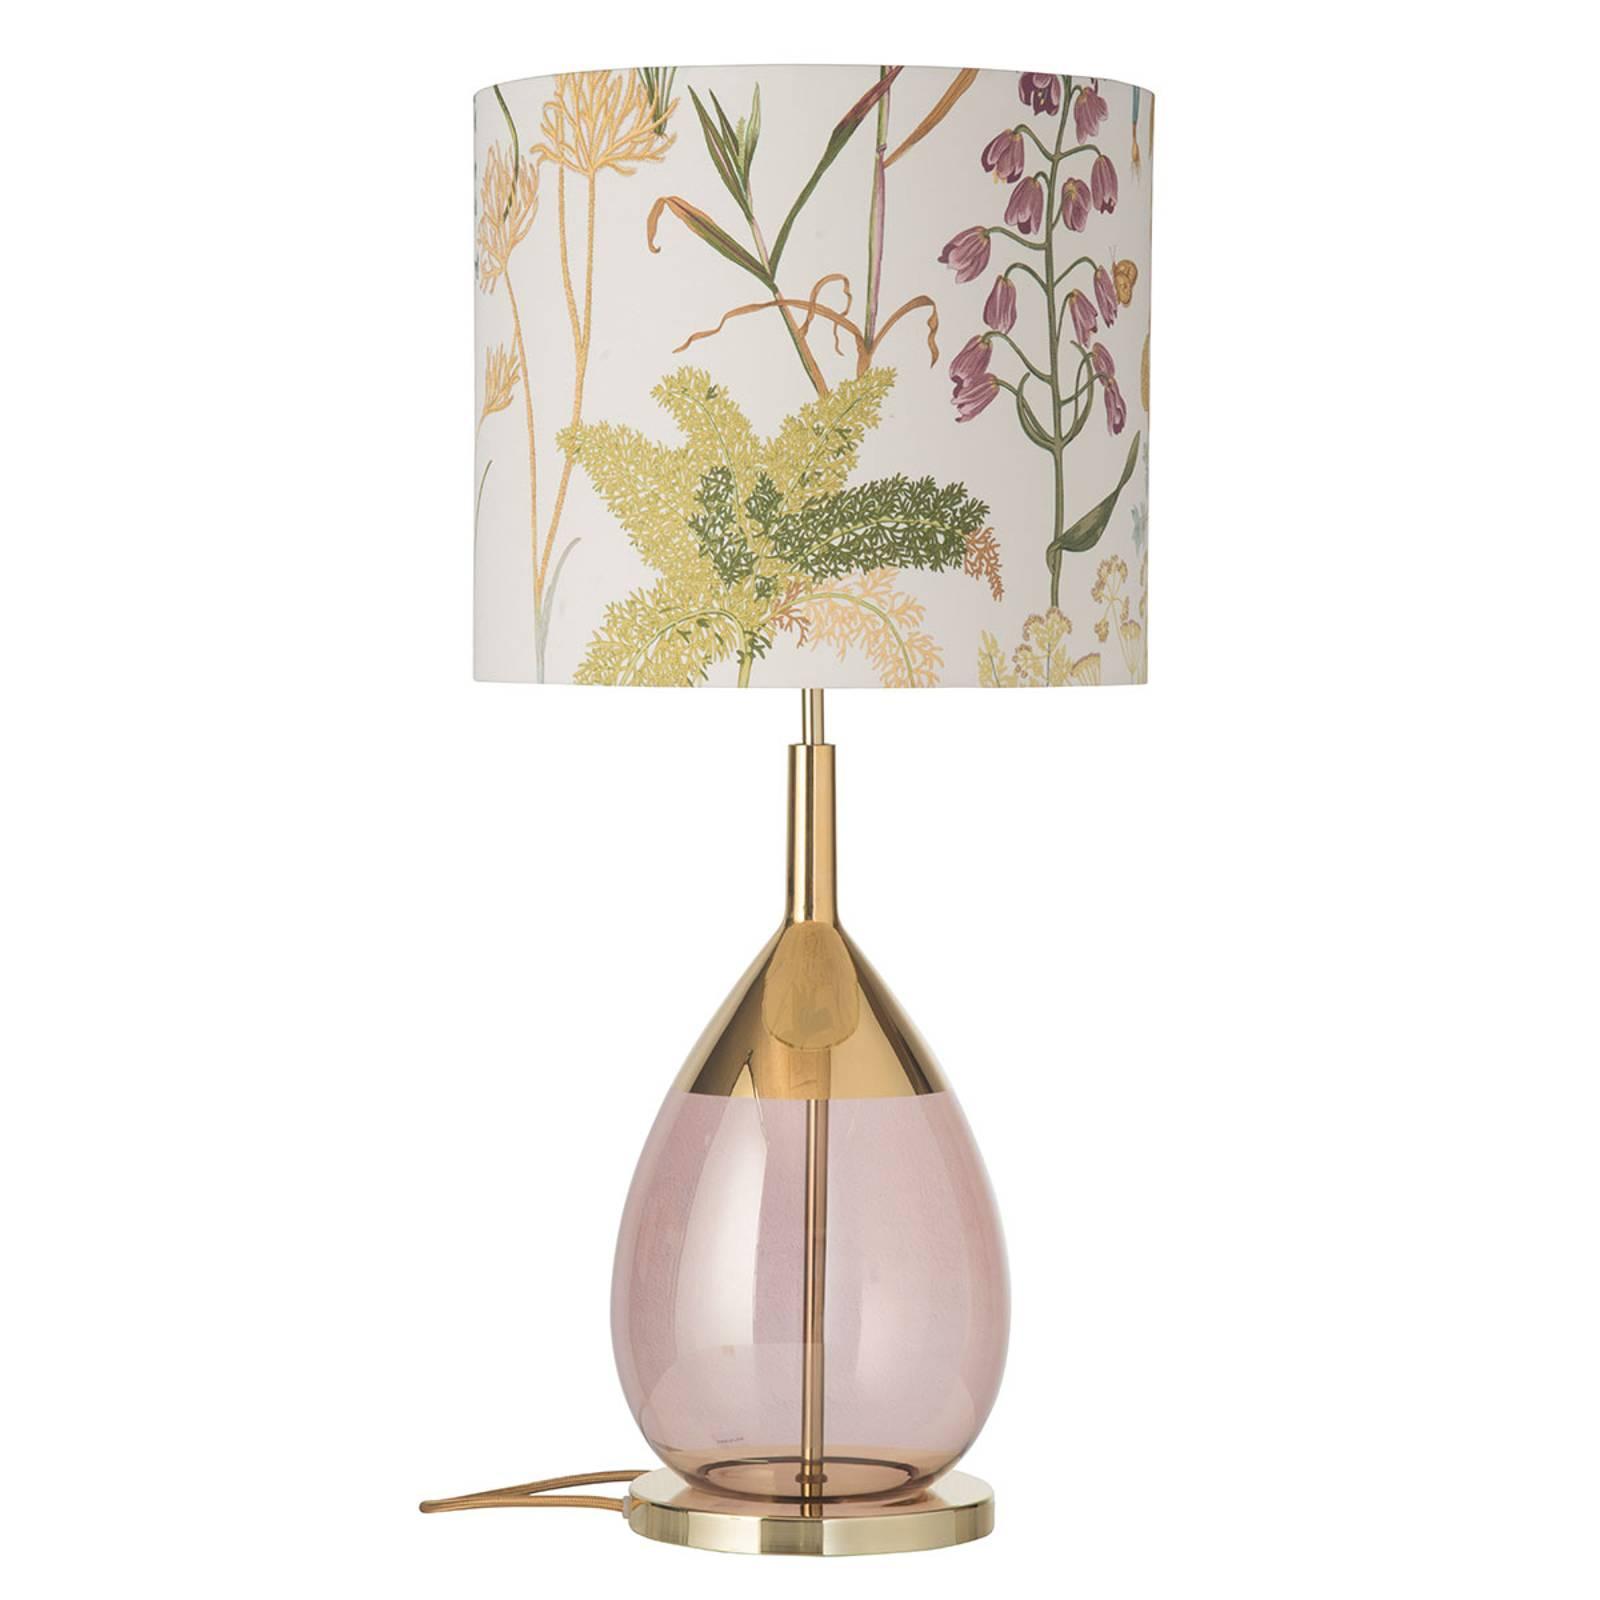 EBB & FLOW Lute-pöytälamppu, kukallinen varjostin